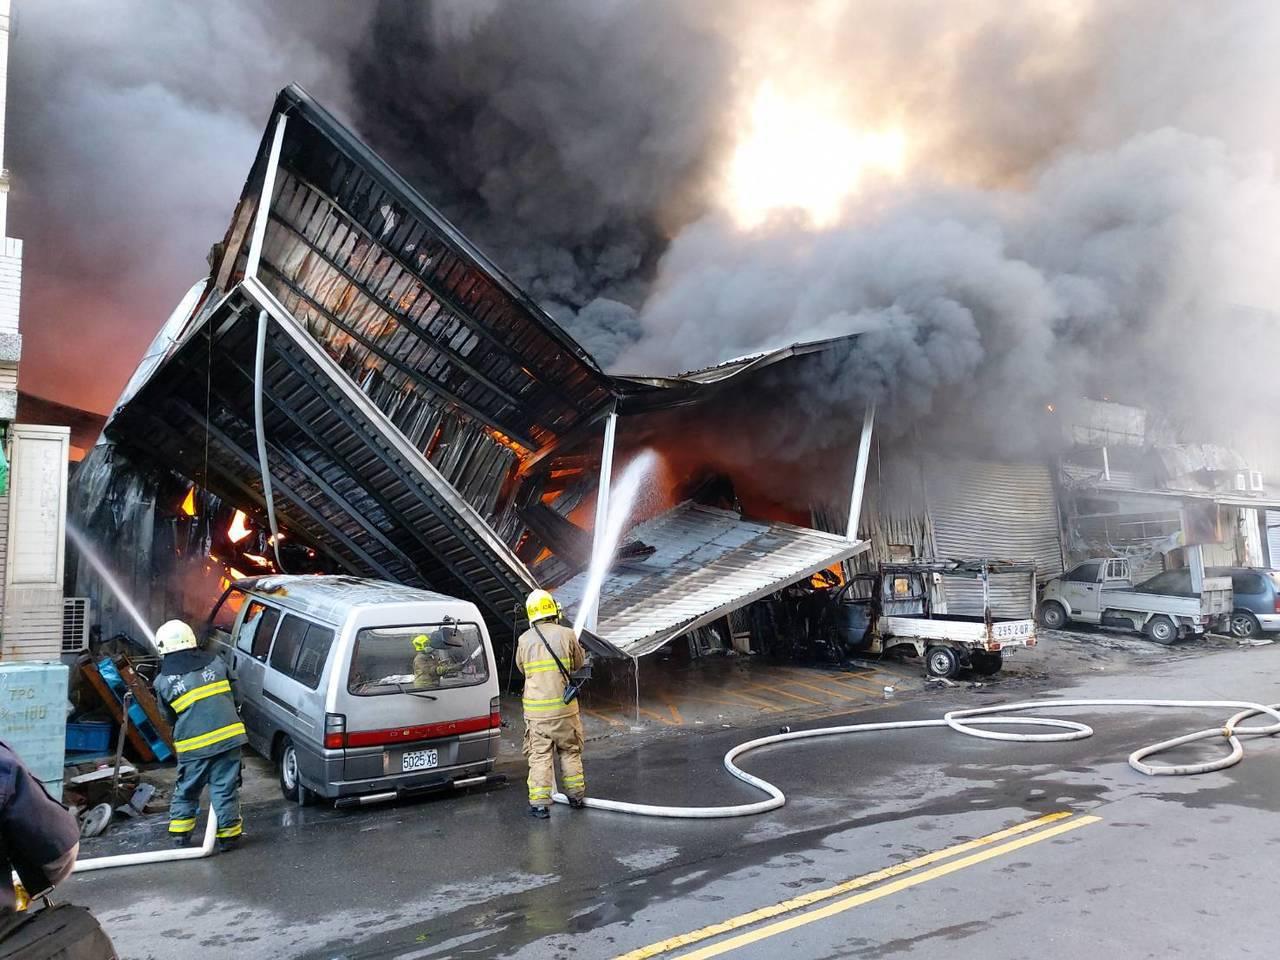 高雄市楠梓區東昌街鐵皮倉庫火警,火勢猛烈還伴隨濃烈黑煙。記者賴郁薇/翻攝